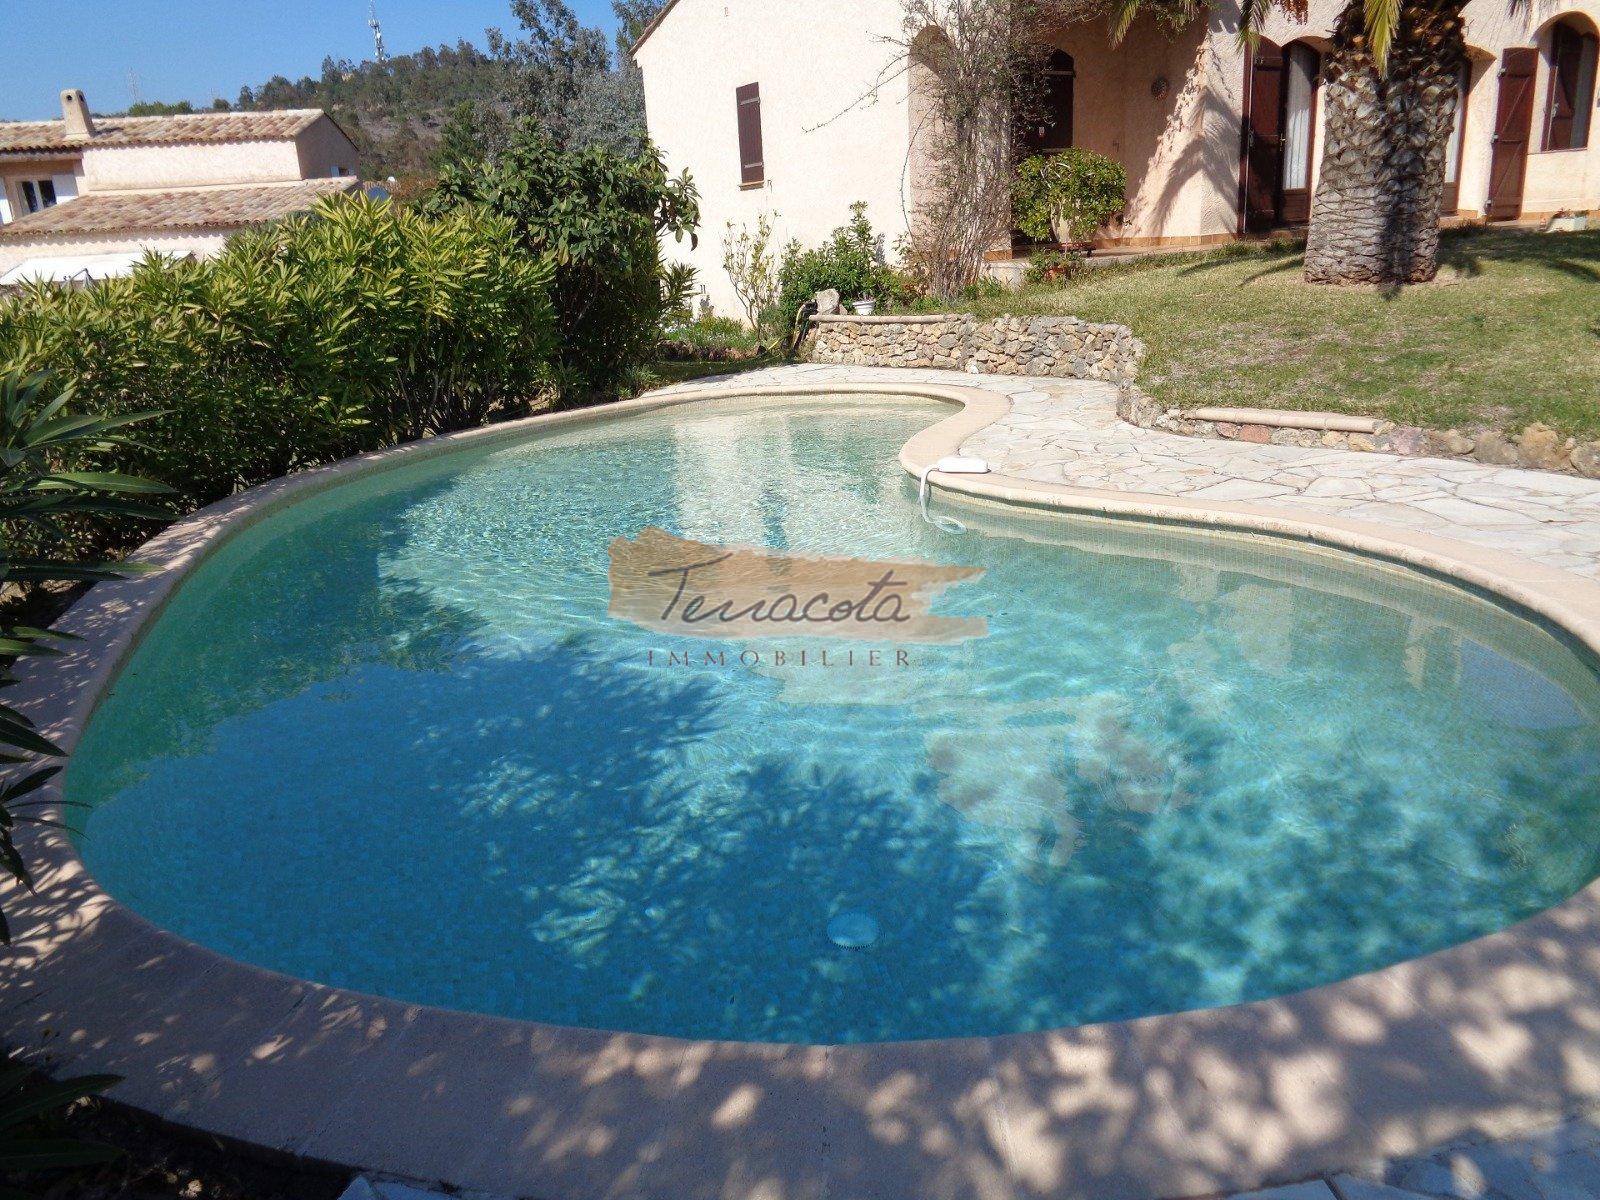 piscine avec aménagement transat